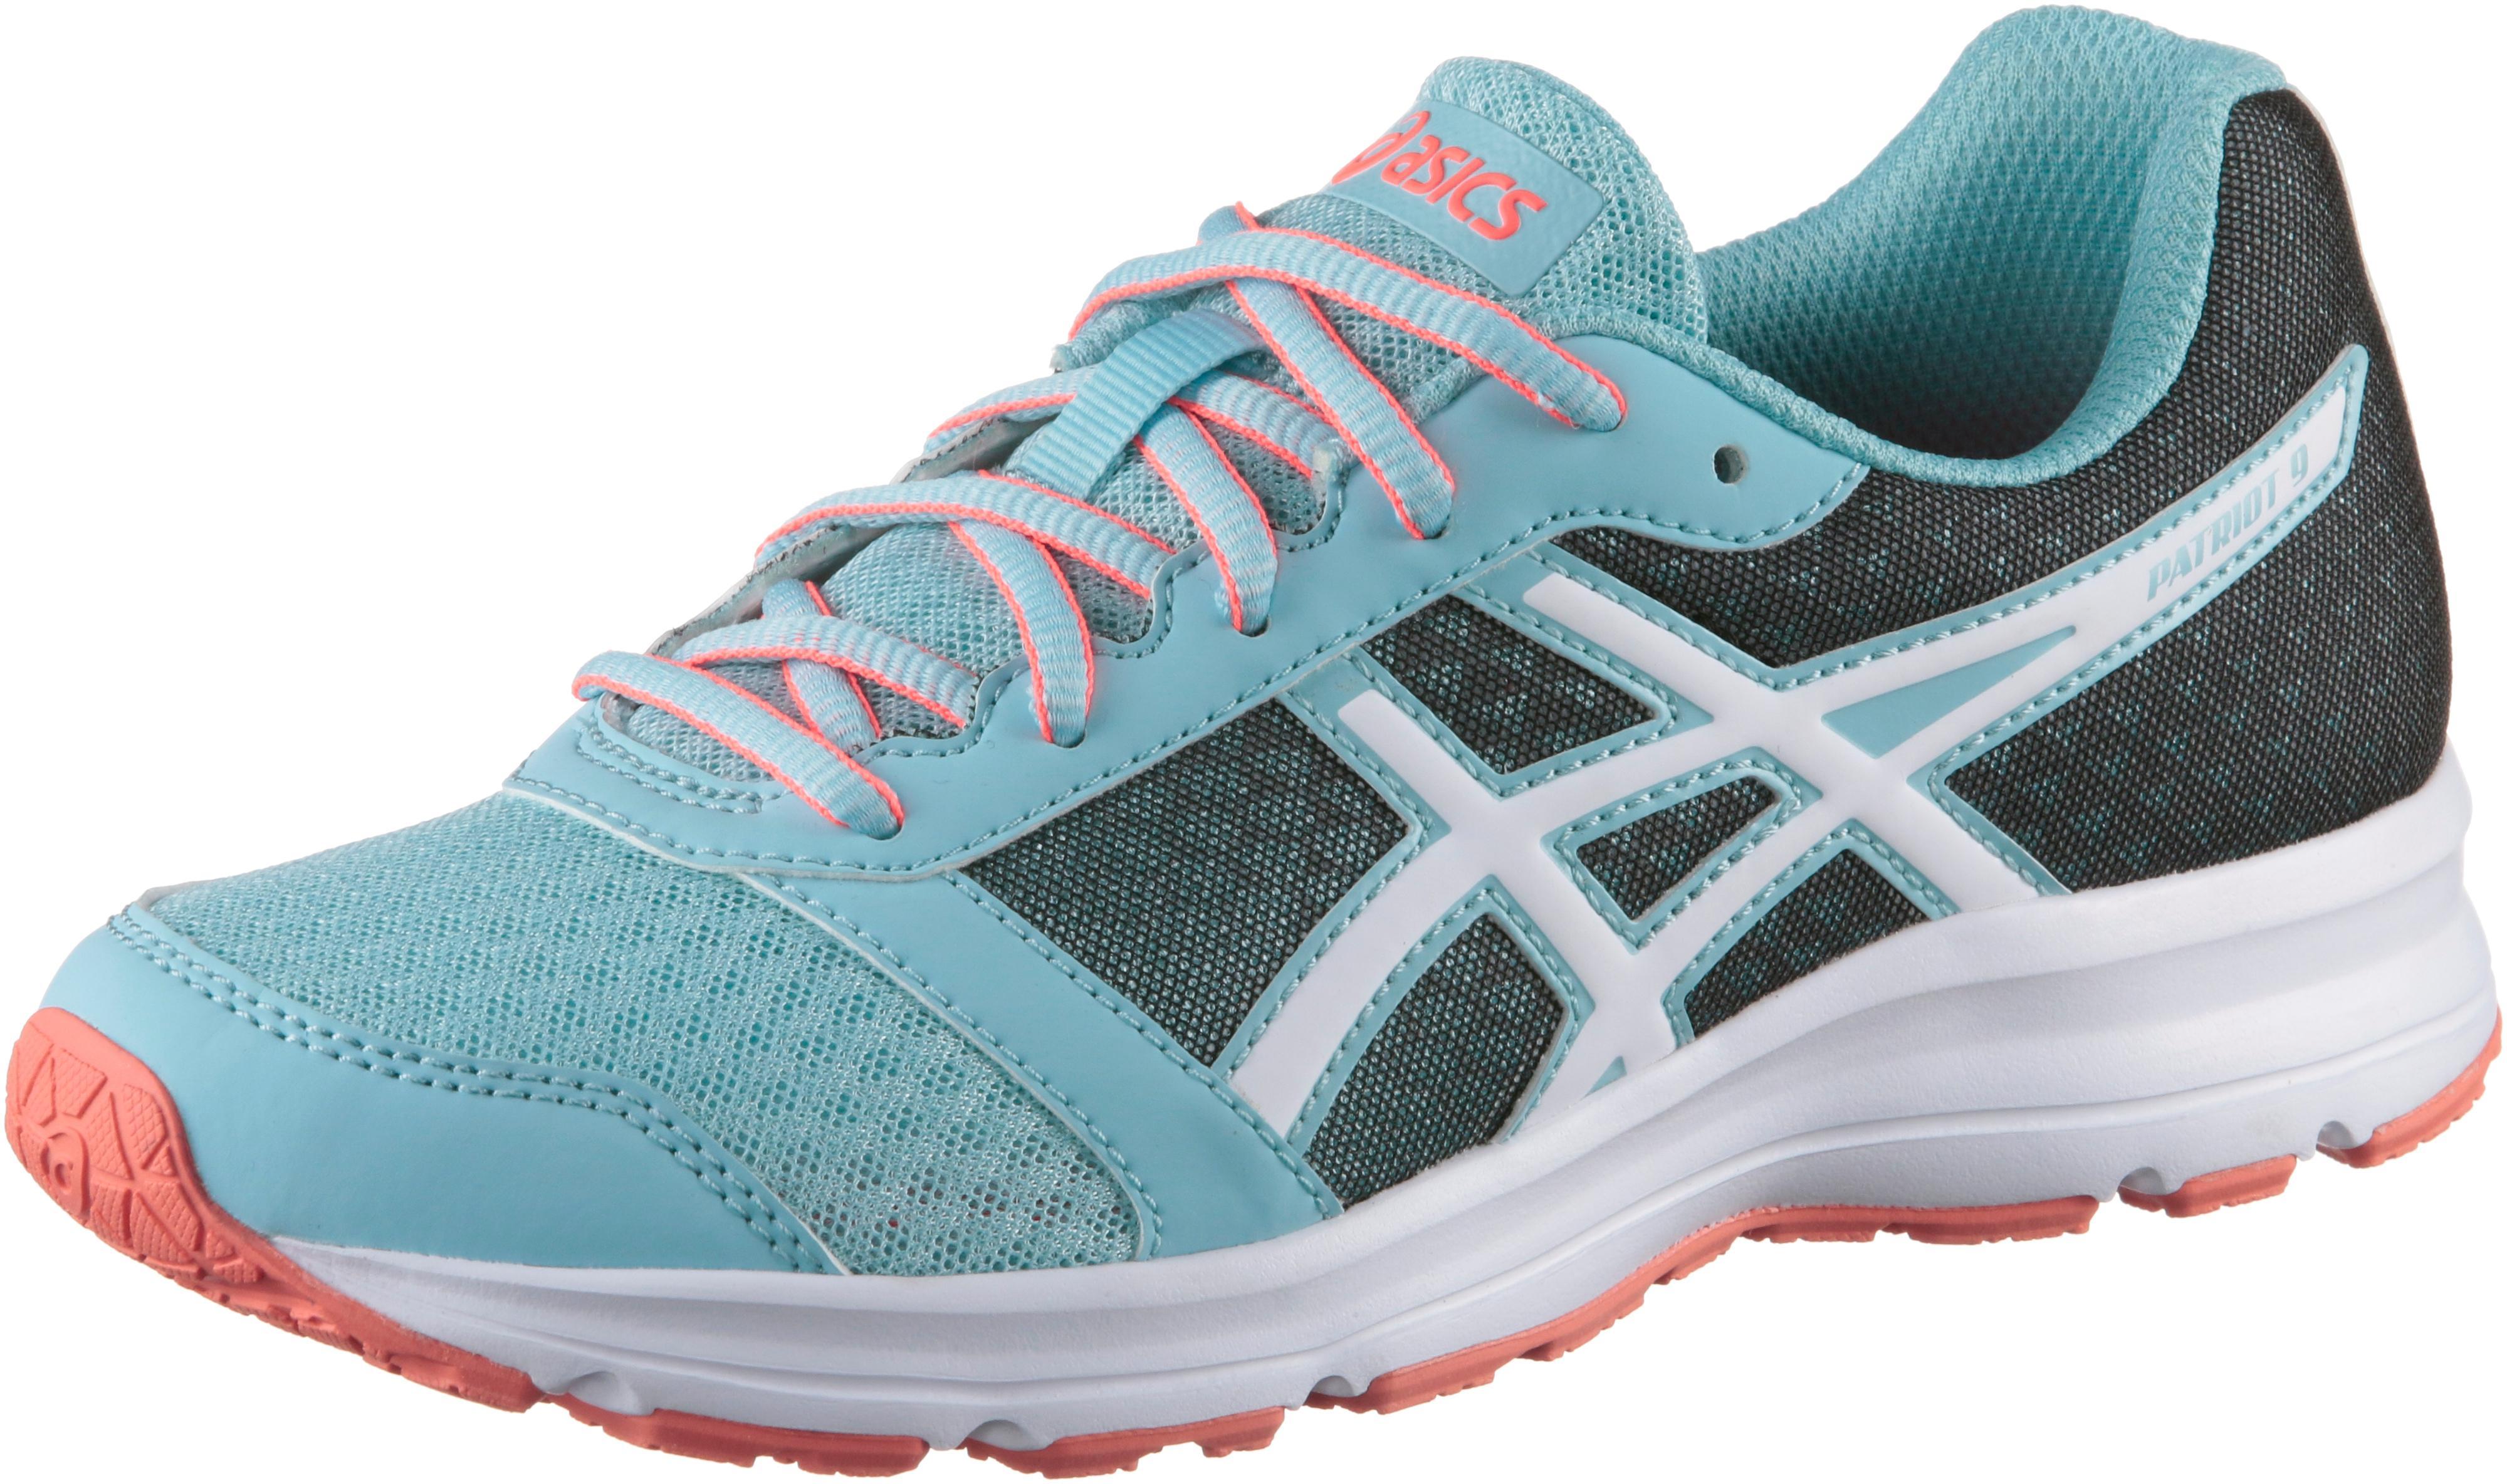 ASICS Patriot 9 Laufschuhe Kinder PORCELAIN BLUE-WHITE-FLASH CORAL im  Online Shop von SportScheck kaufen